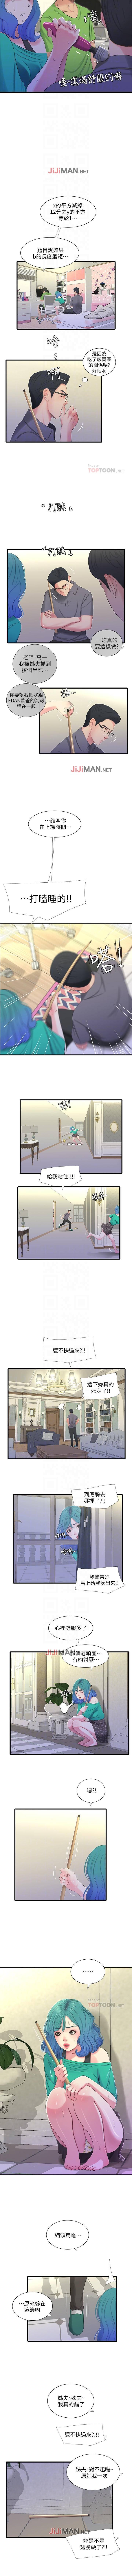 【周四连载】亲家四姐妹(作者:愛摸) 第1~31话 154